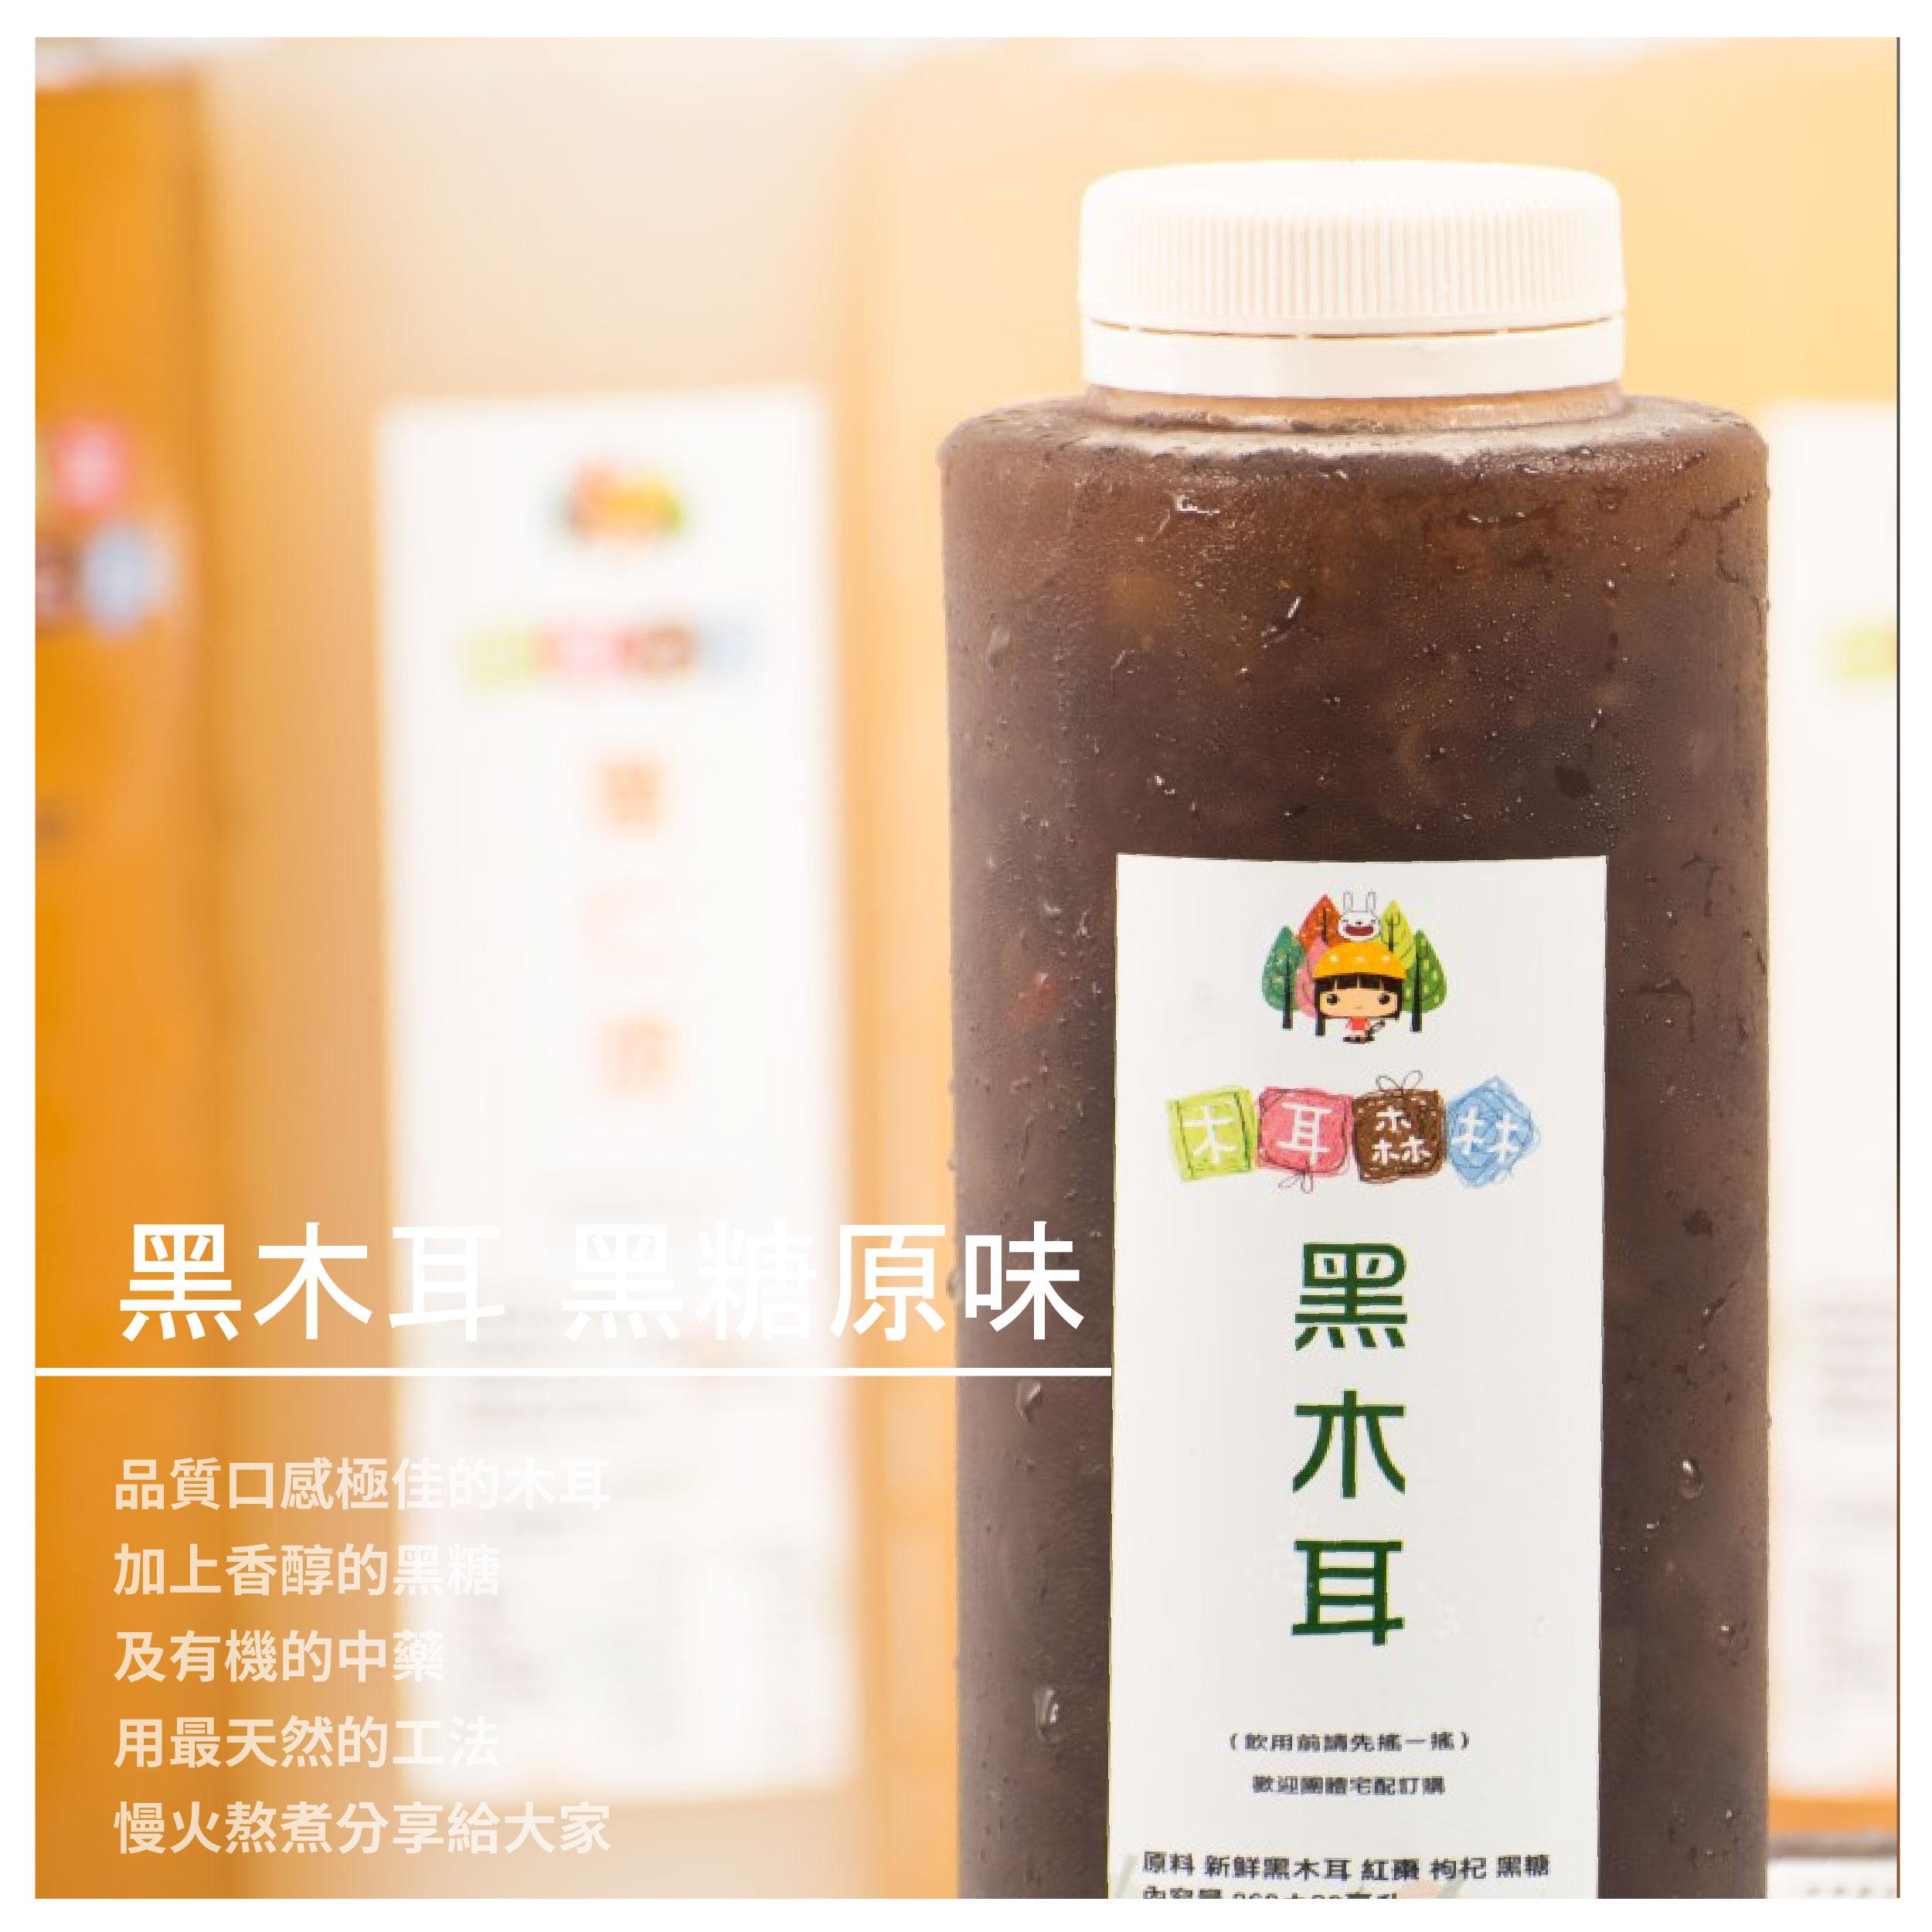 【木耳森林養生飲品】黑木耳-黑糖原味